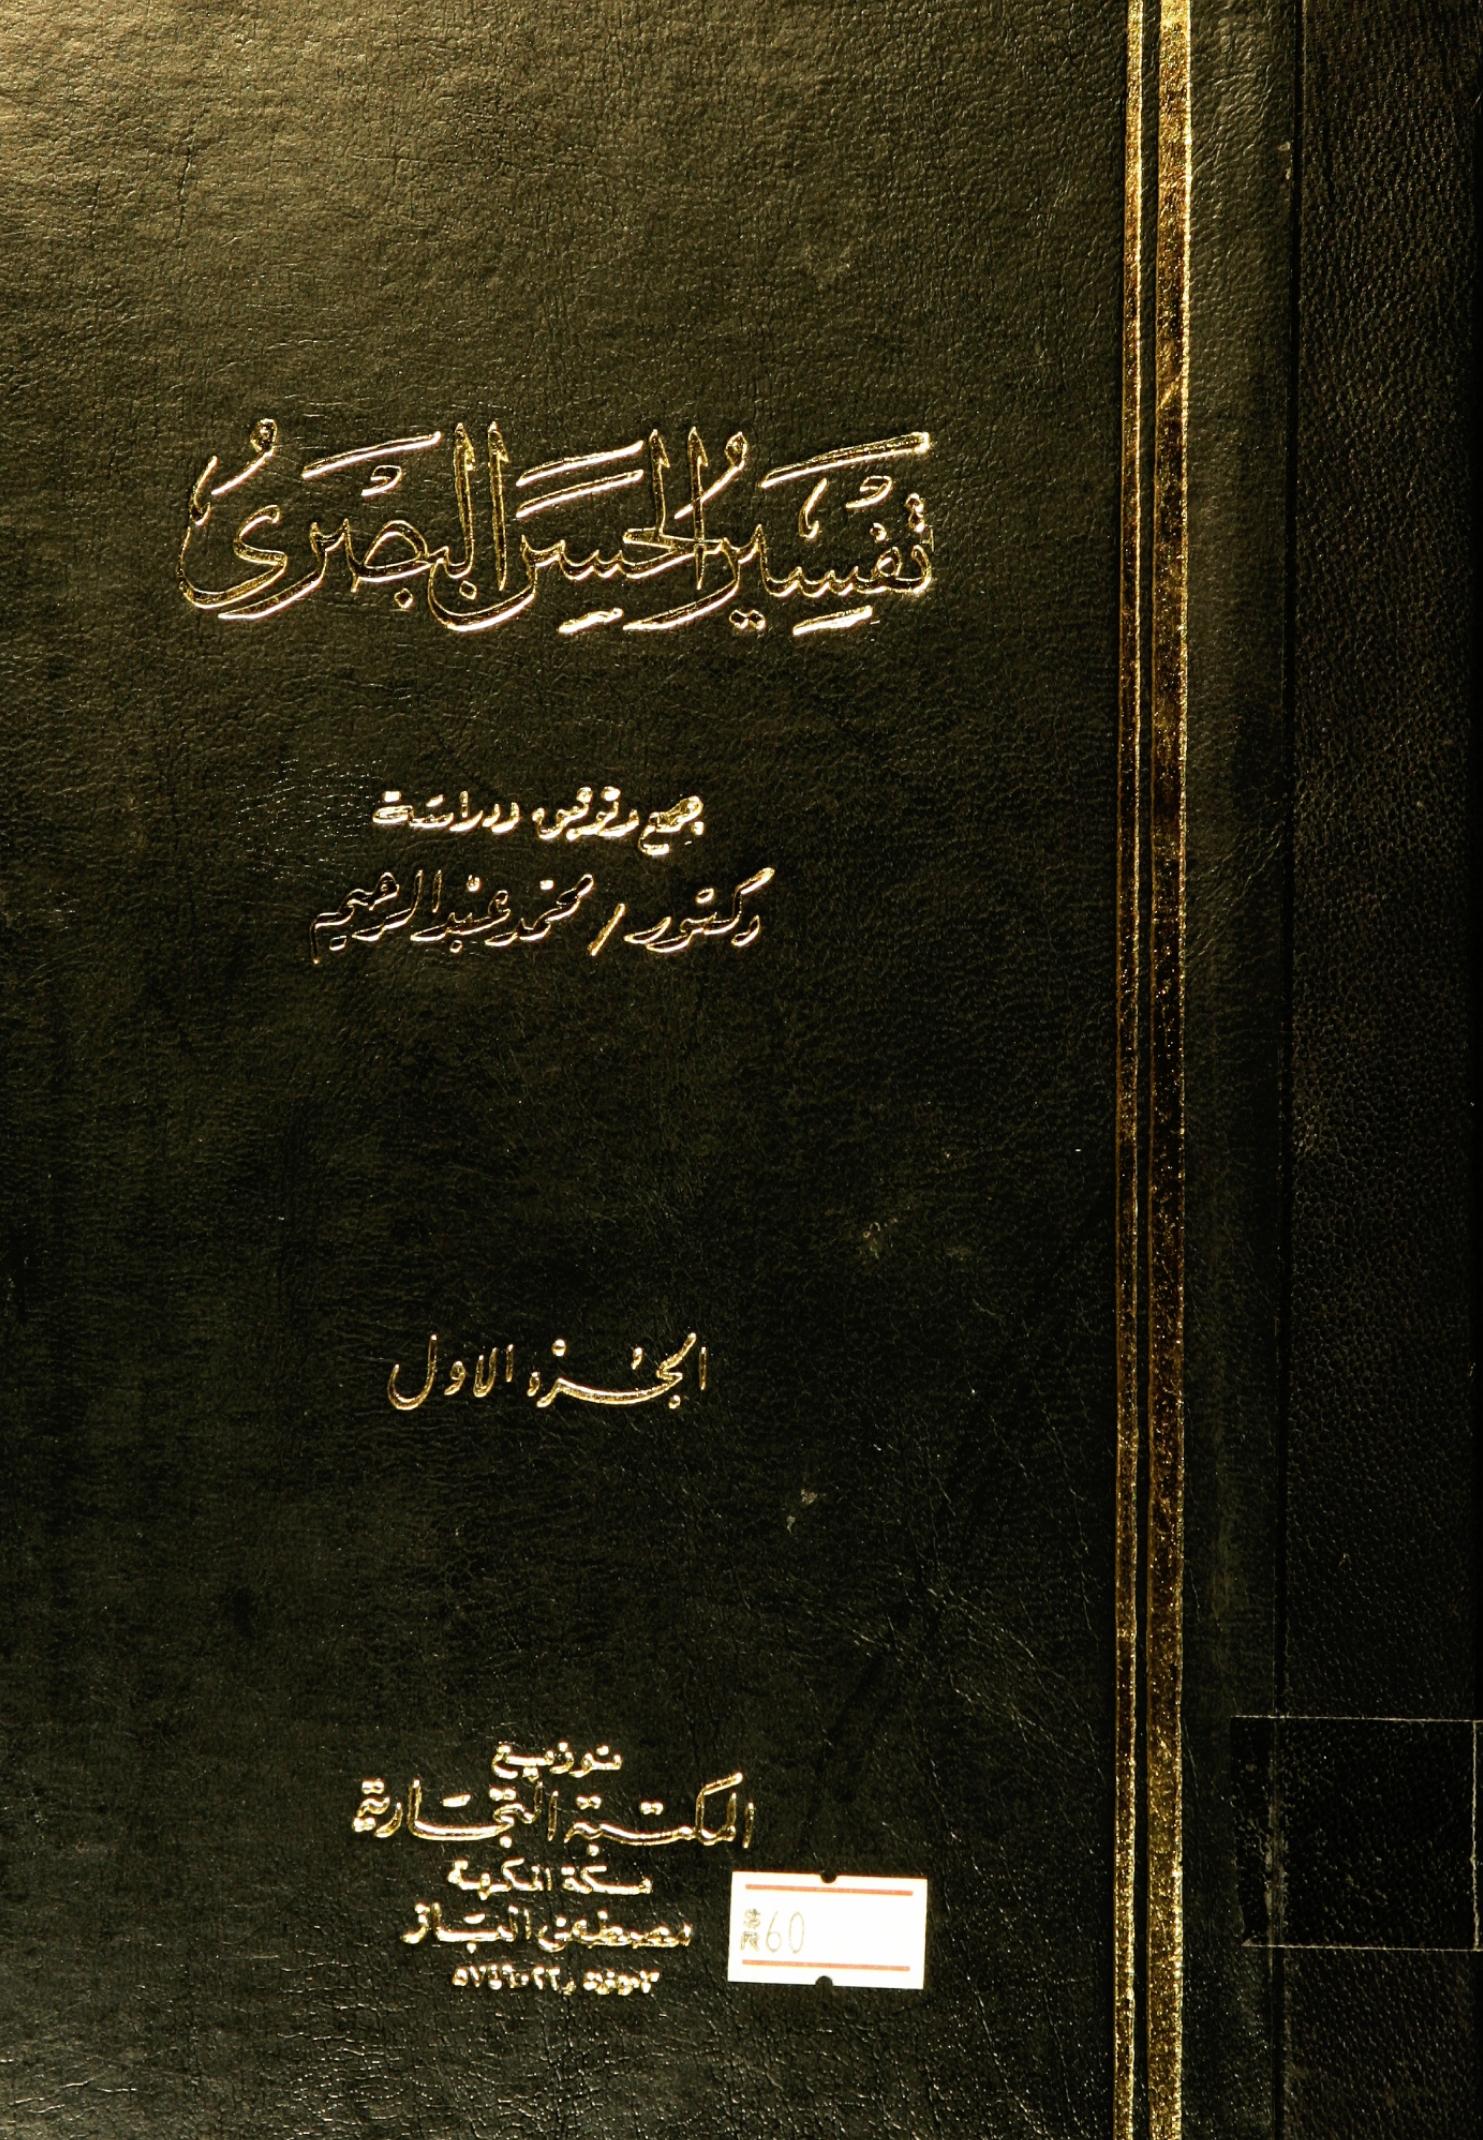 تحميل كتاب تفسير الحسن البصري لـِ: الإمام أبو سعيد الحسن بن أبي الحسن: يسار، البصري (ت 110)